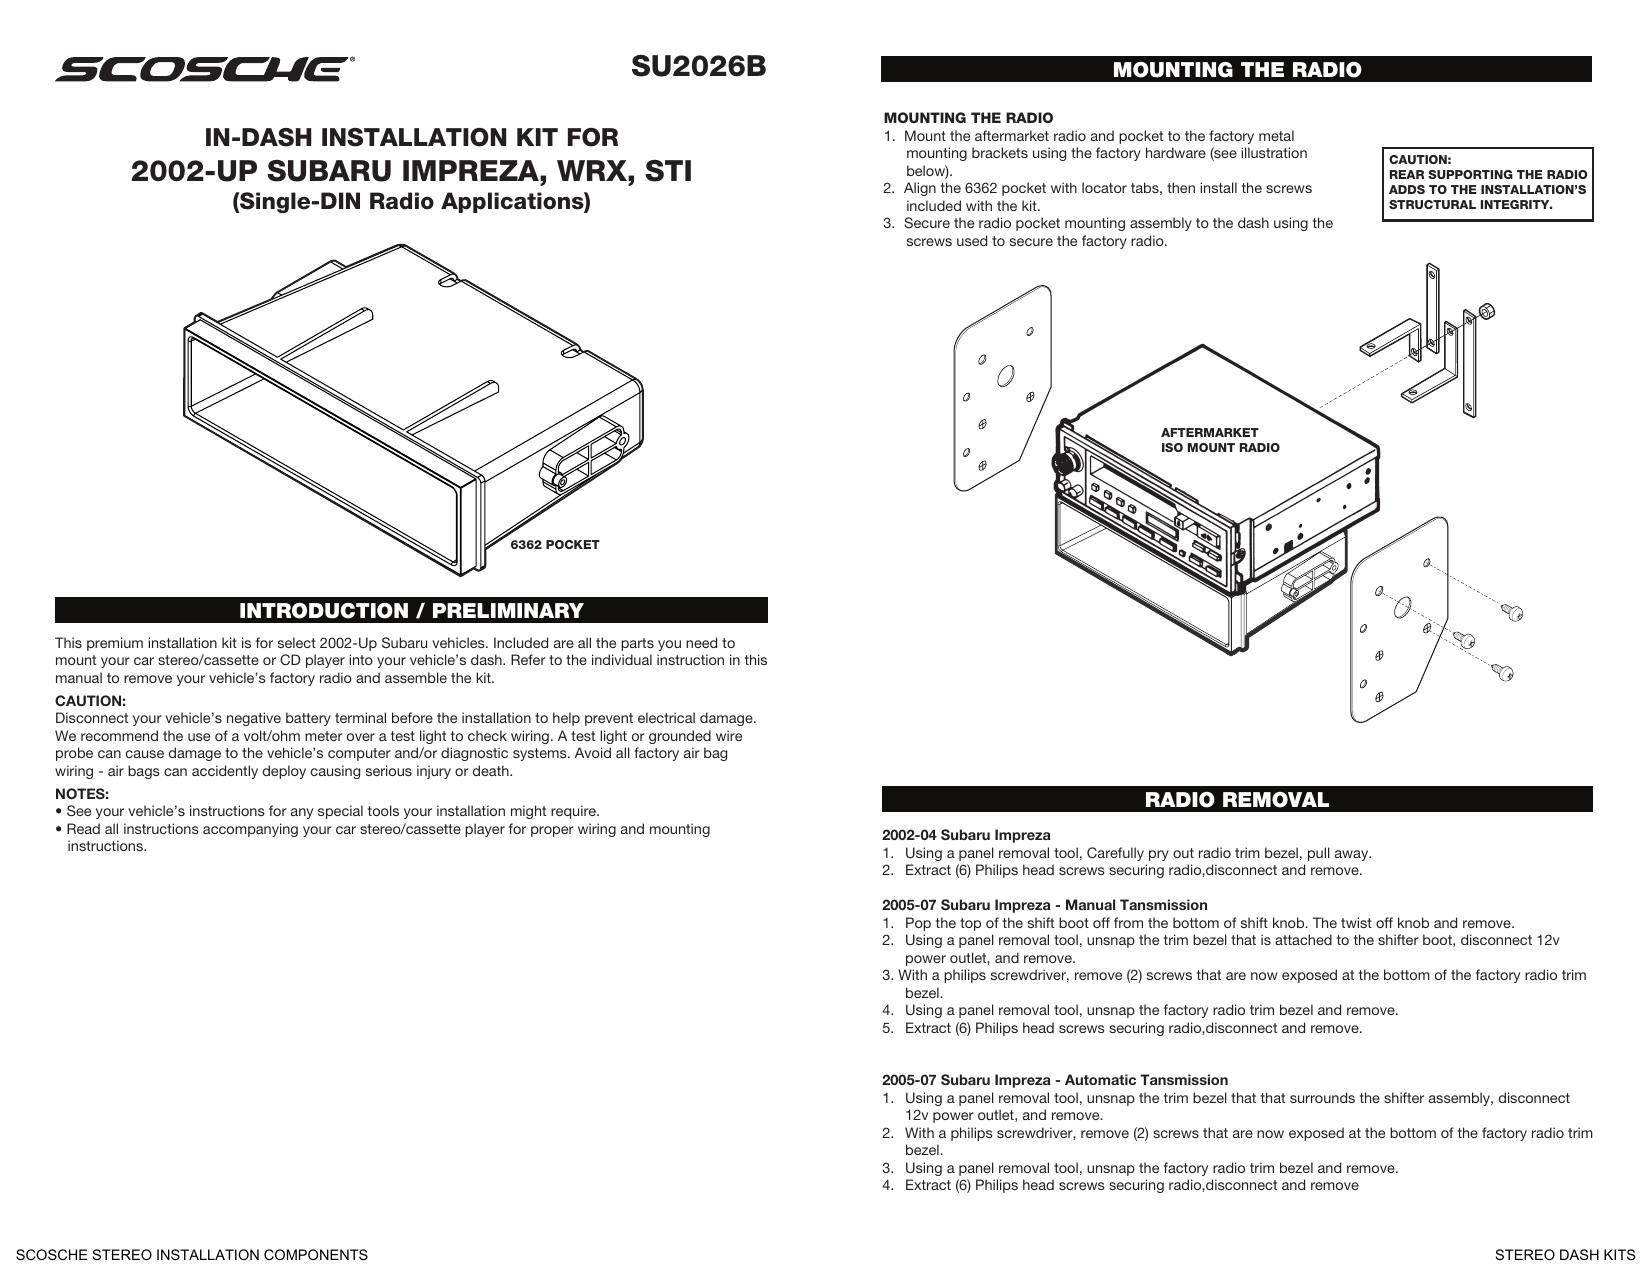 Scosche Radio Wiring Harness For Aftermarket Kit - Wiring